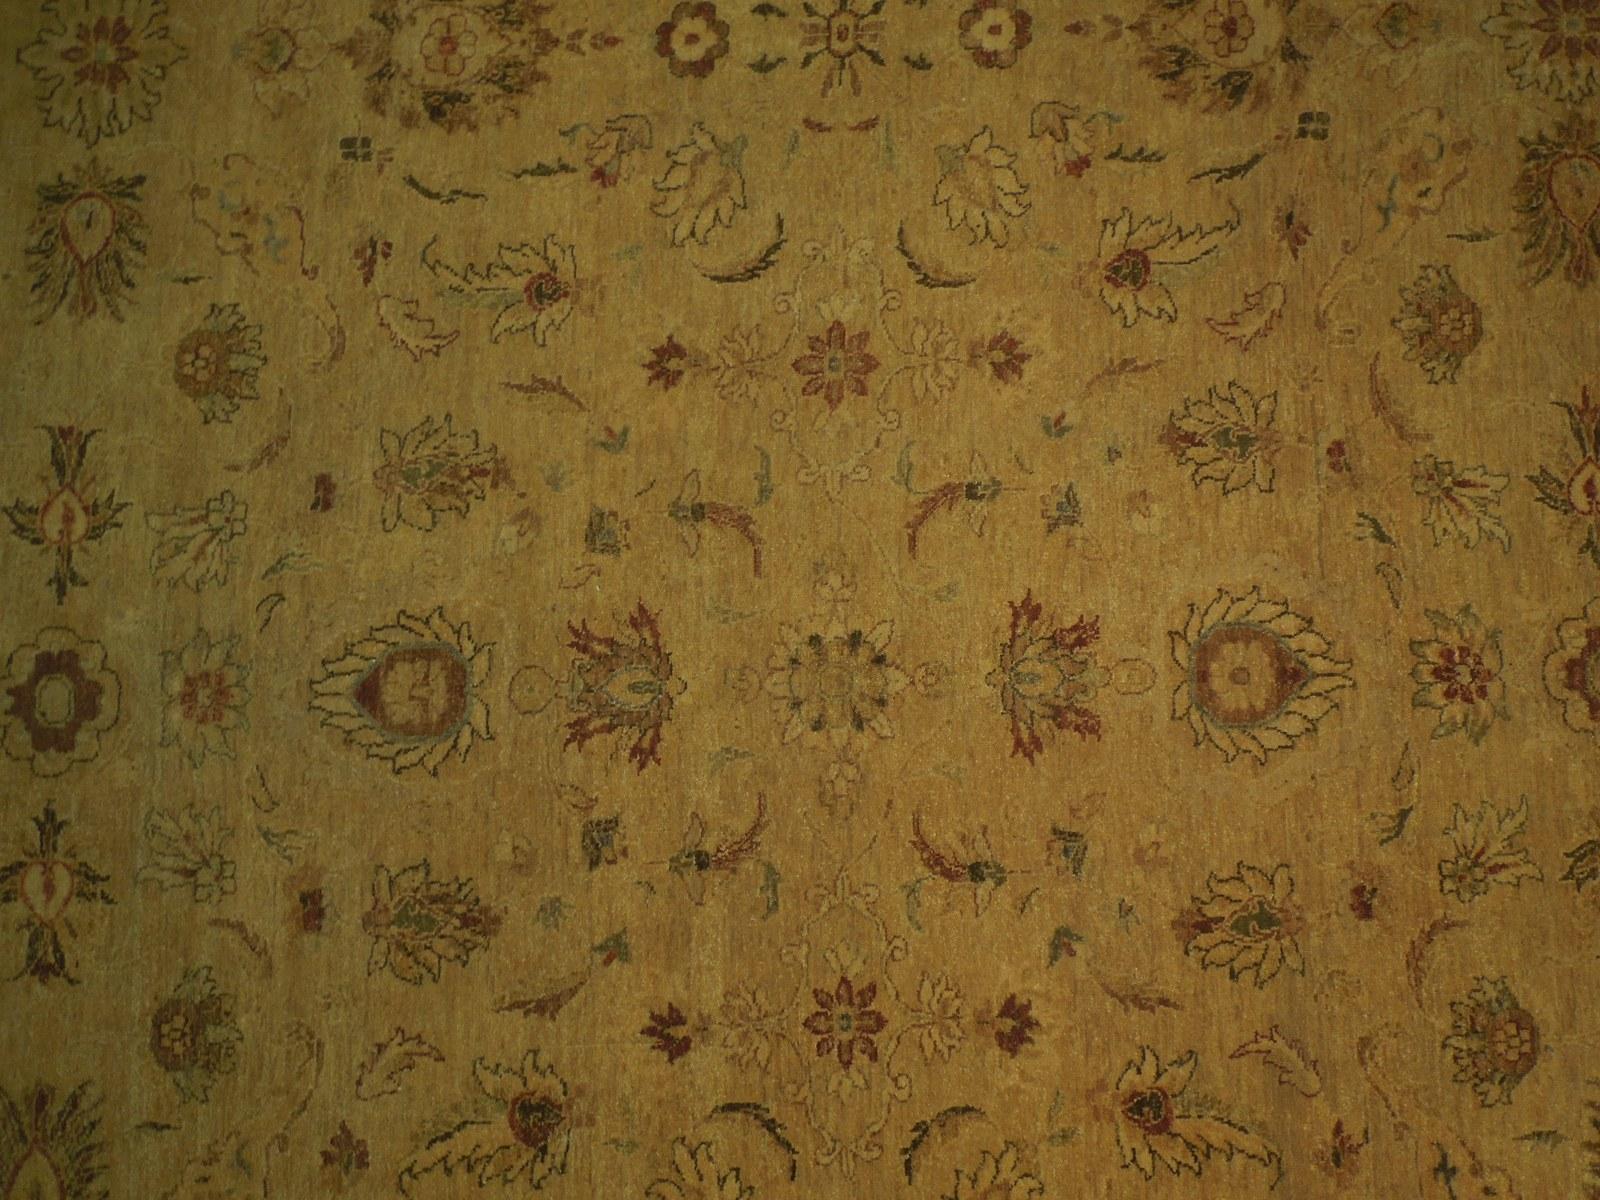 Honey Gold Wool Carpet 9' x 12' New Original Ziglar Oushak Hand-Knotted Rug image 6